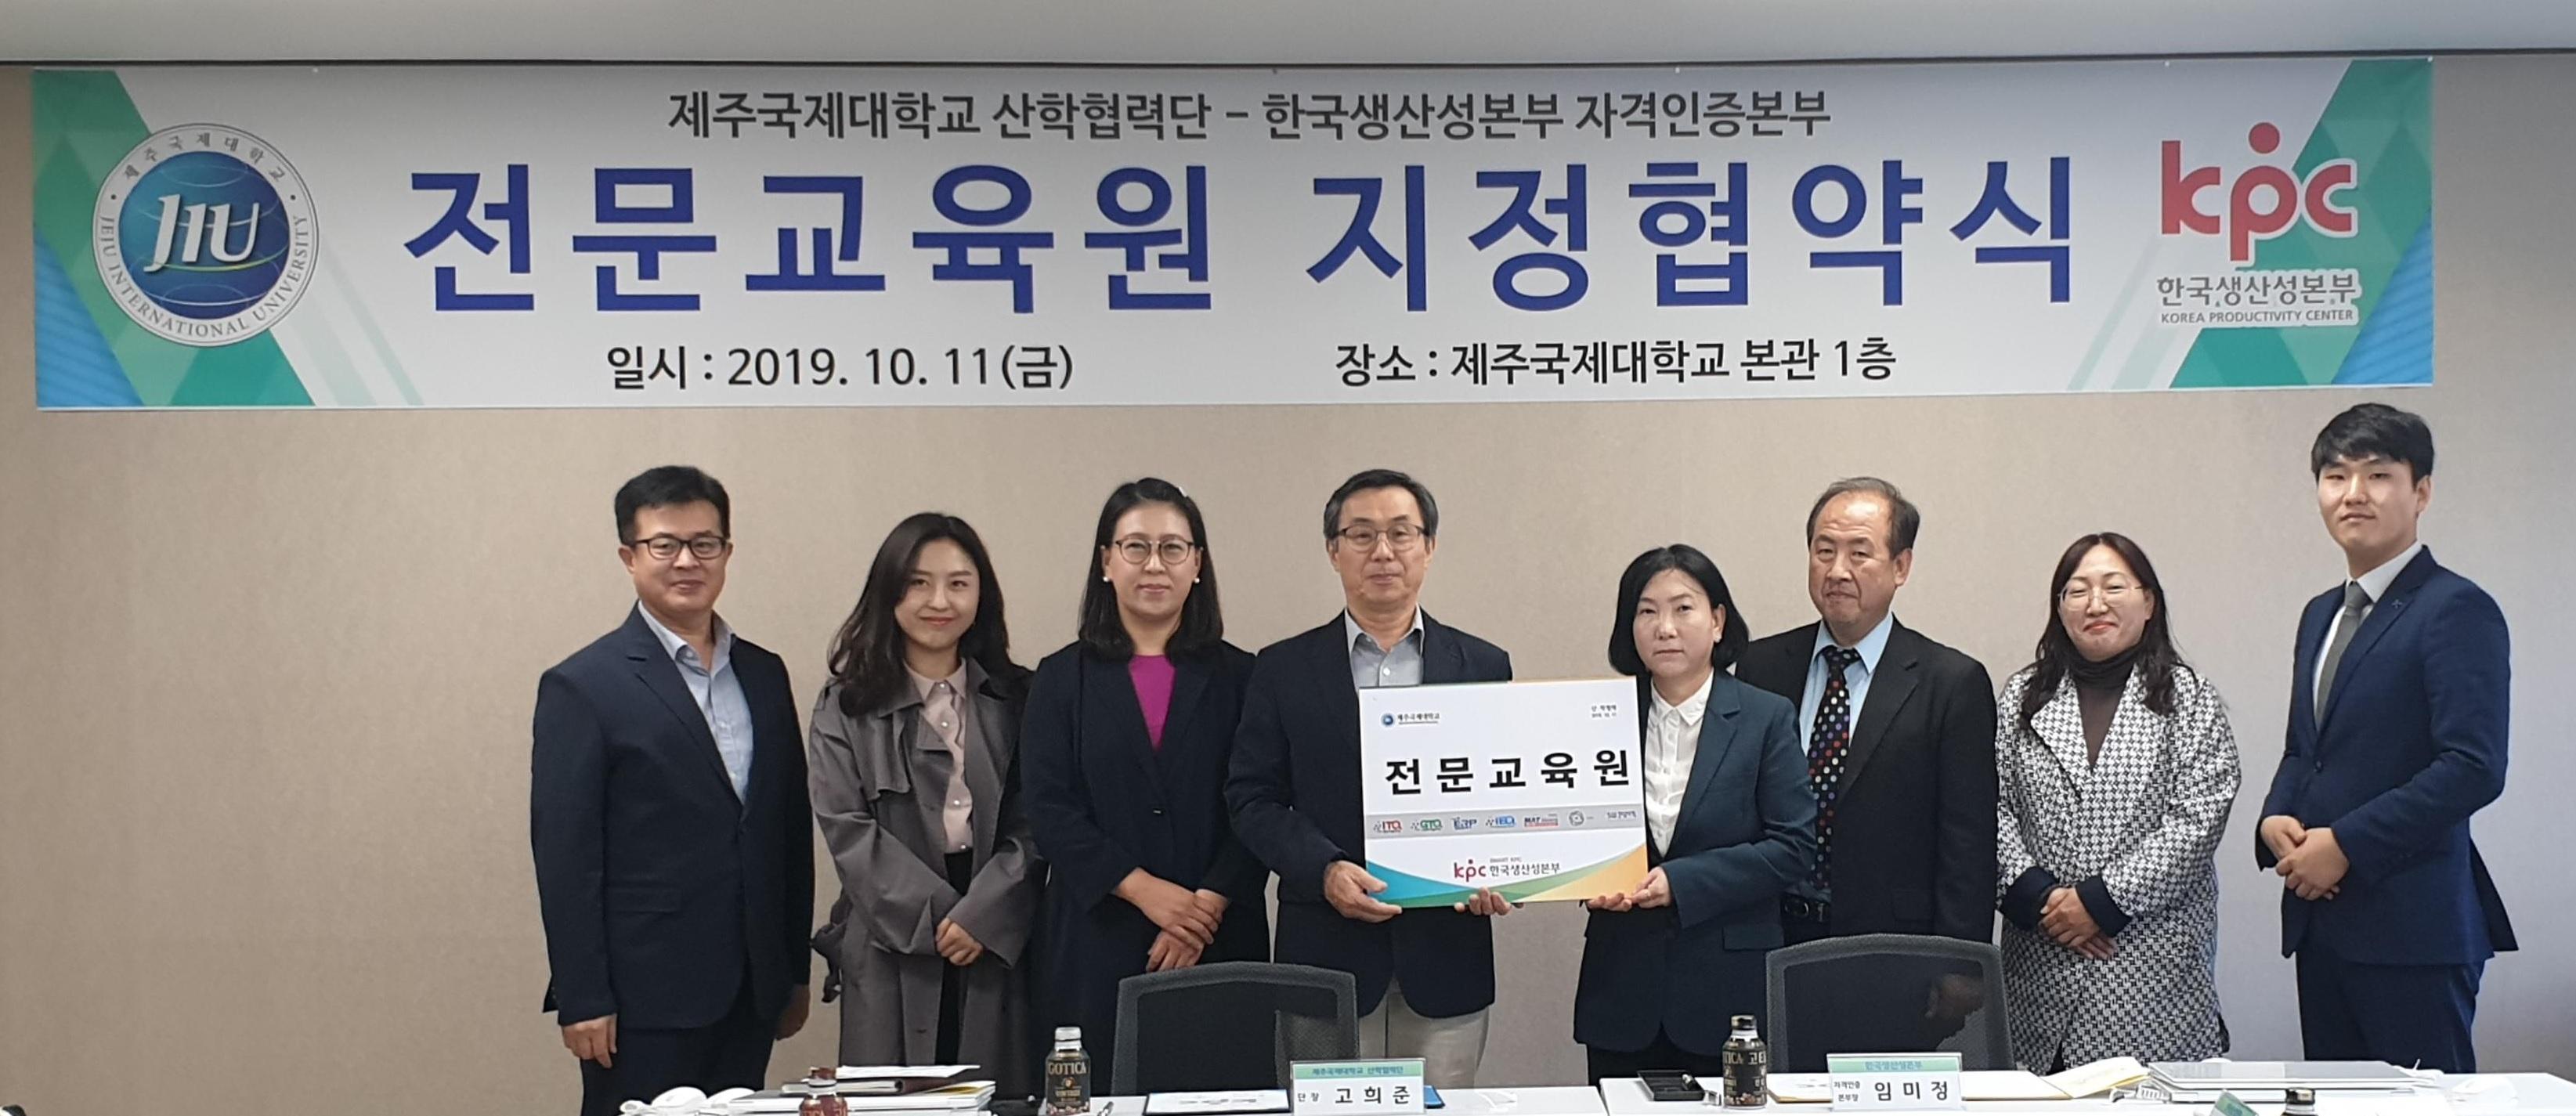 제주국제대학교ㆍ한국생산성본부 KPC자격 전문교육원 지정 협약 체결